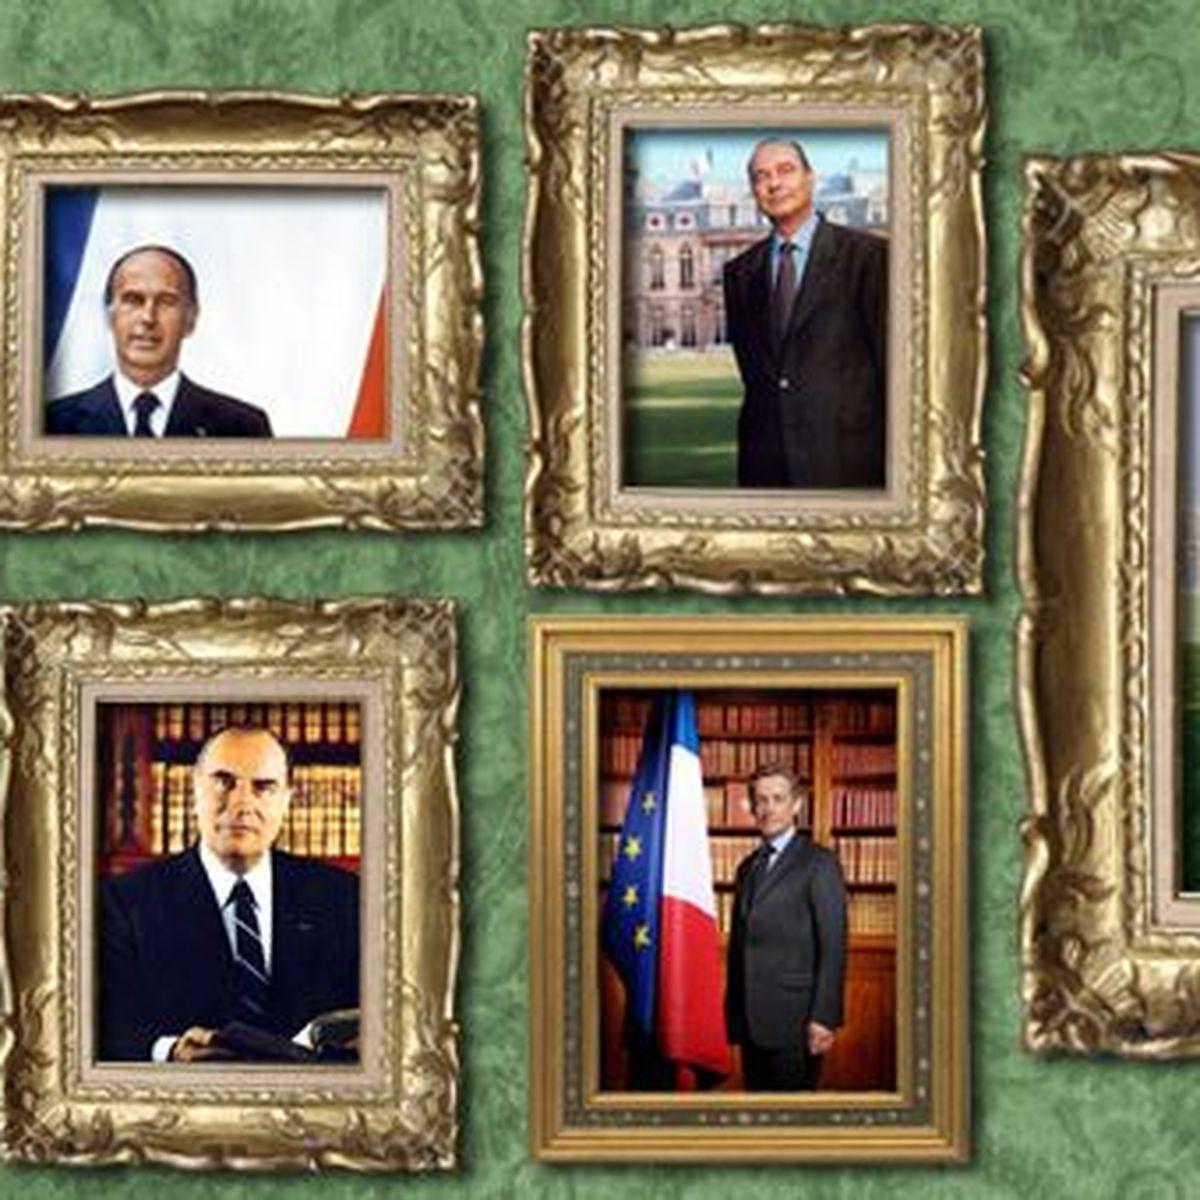 Tous les portraits officiels des présidents depuis le Général de Gaulle